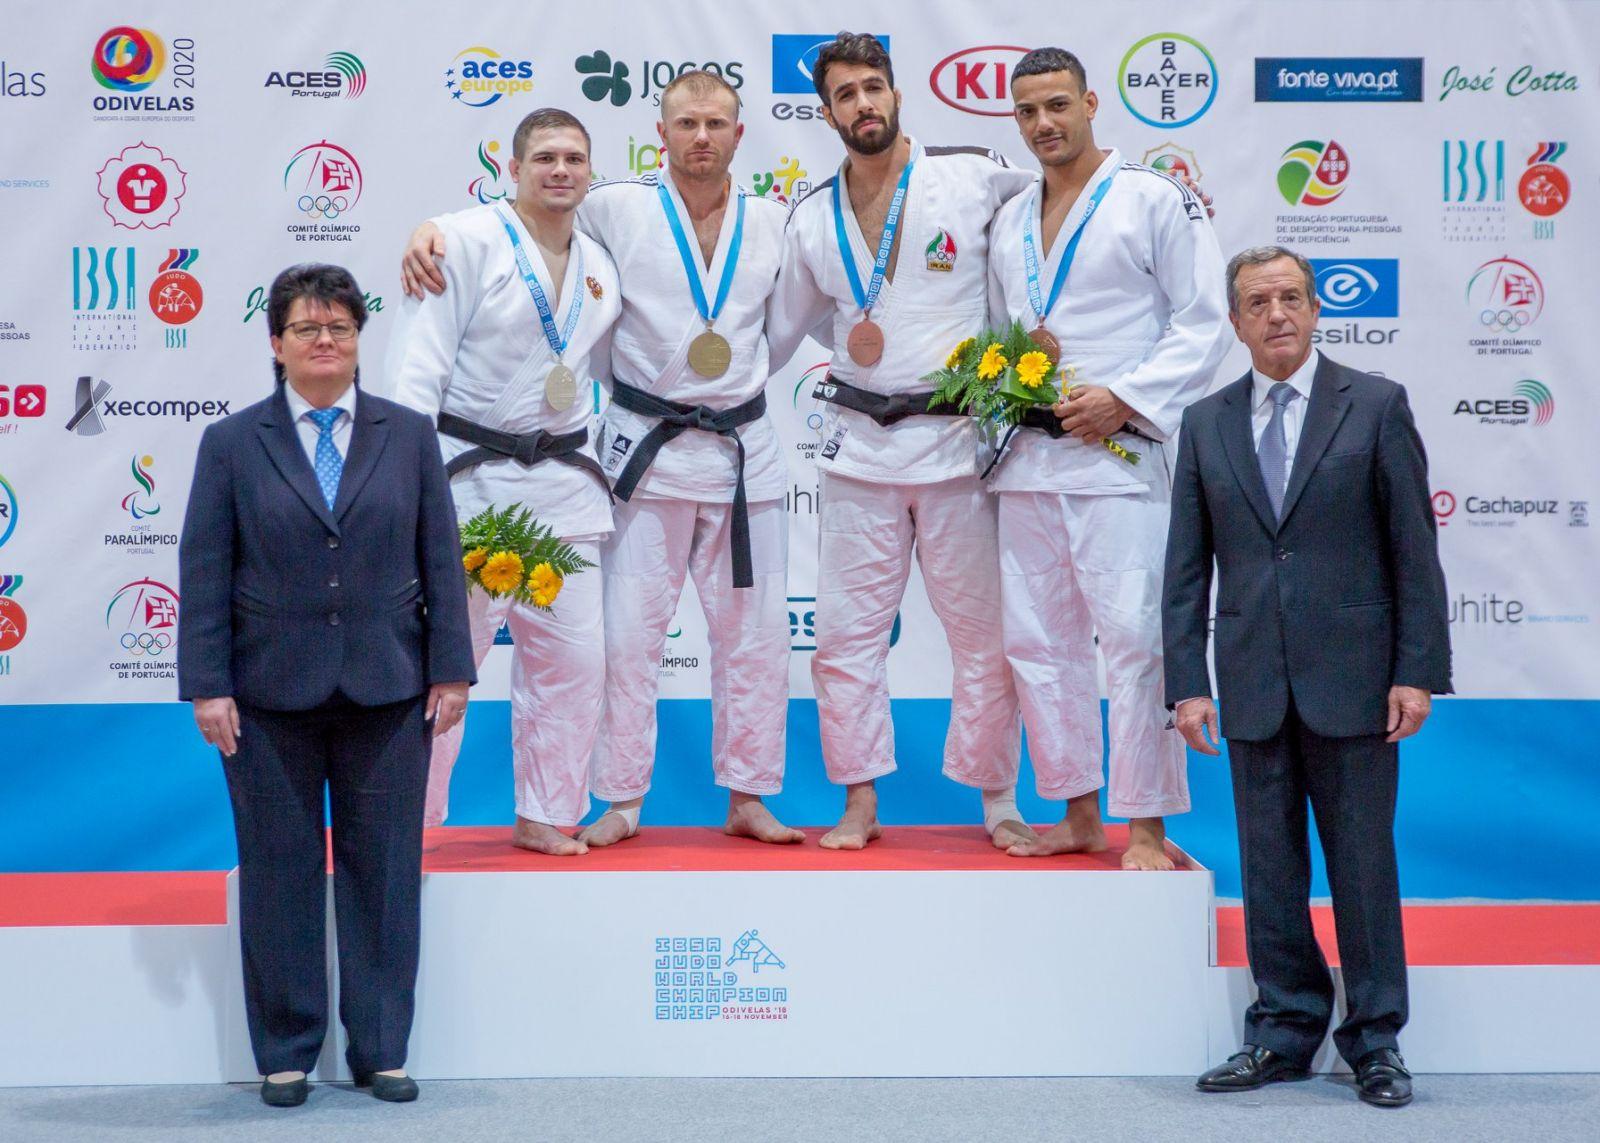 Сборная команда России по дзюдо спорта слепых завоевала 1 серебряную и 4 бронзовые награды на чемпионате мира в Португалии